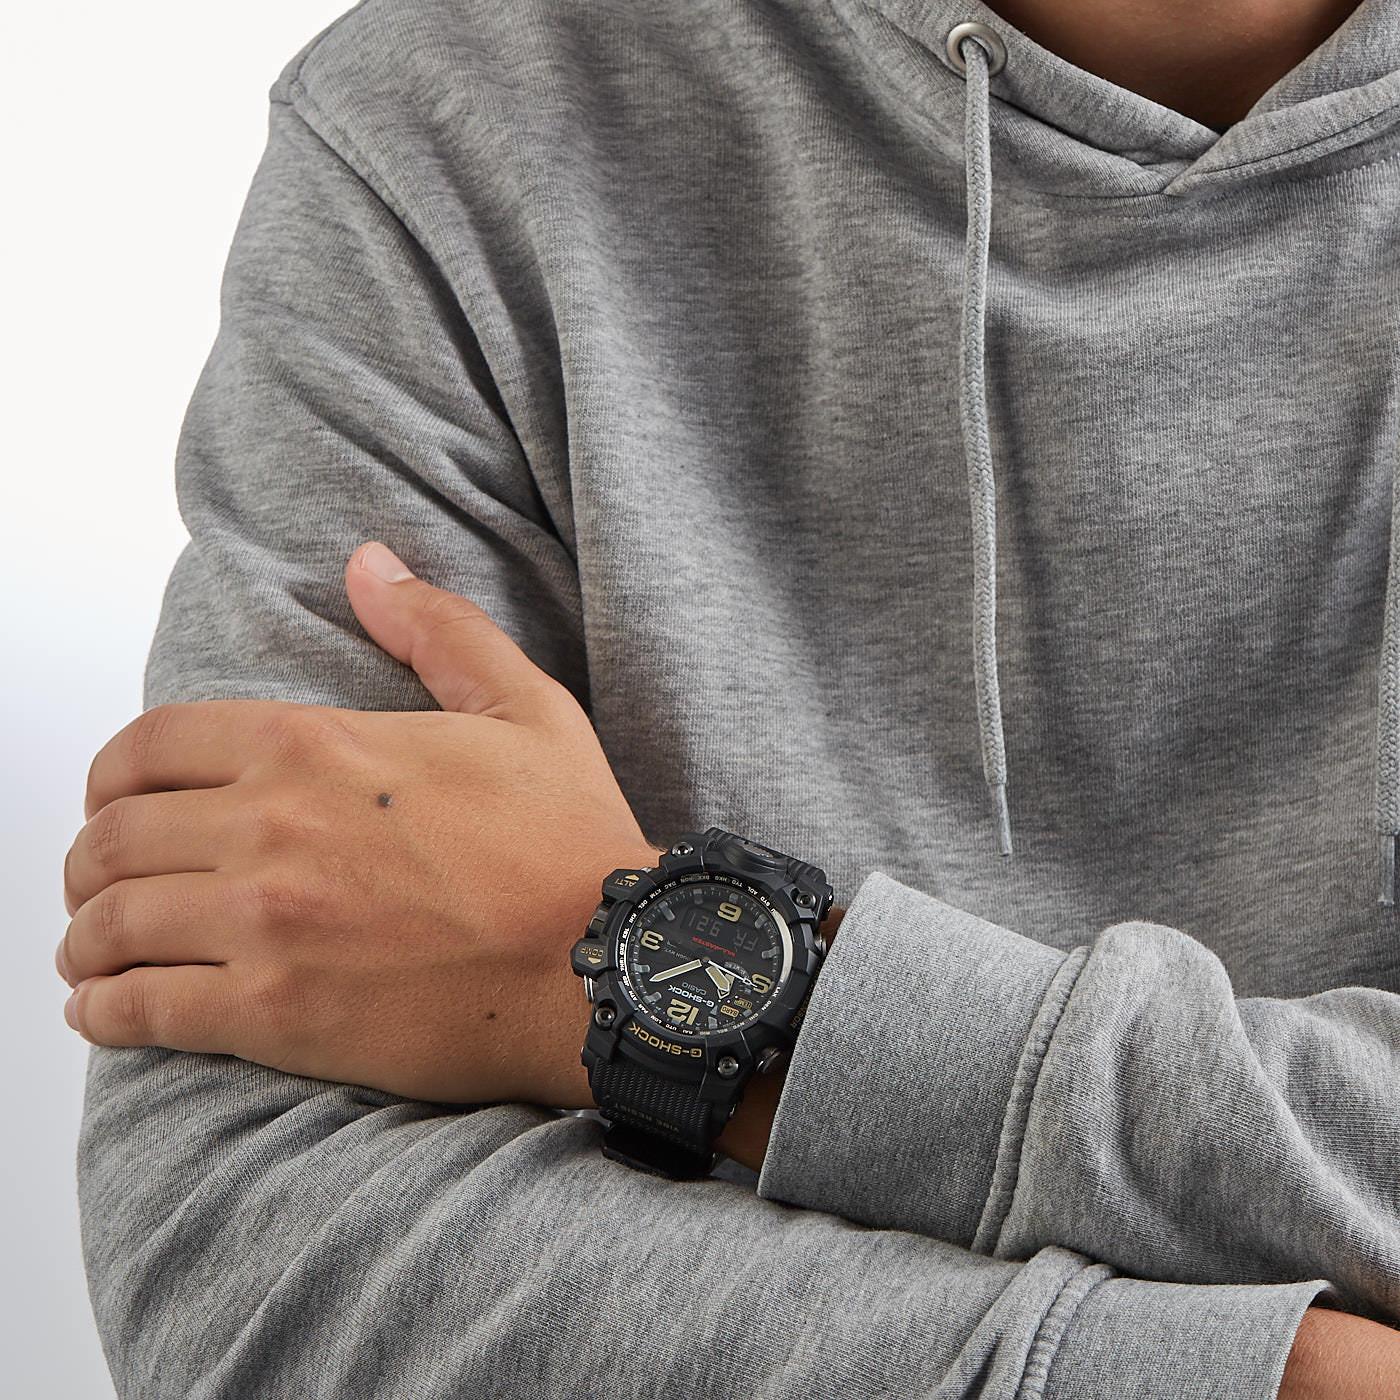 Casio G-Shock Mudmaster horloge GWG-1000-1AER